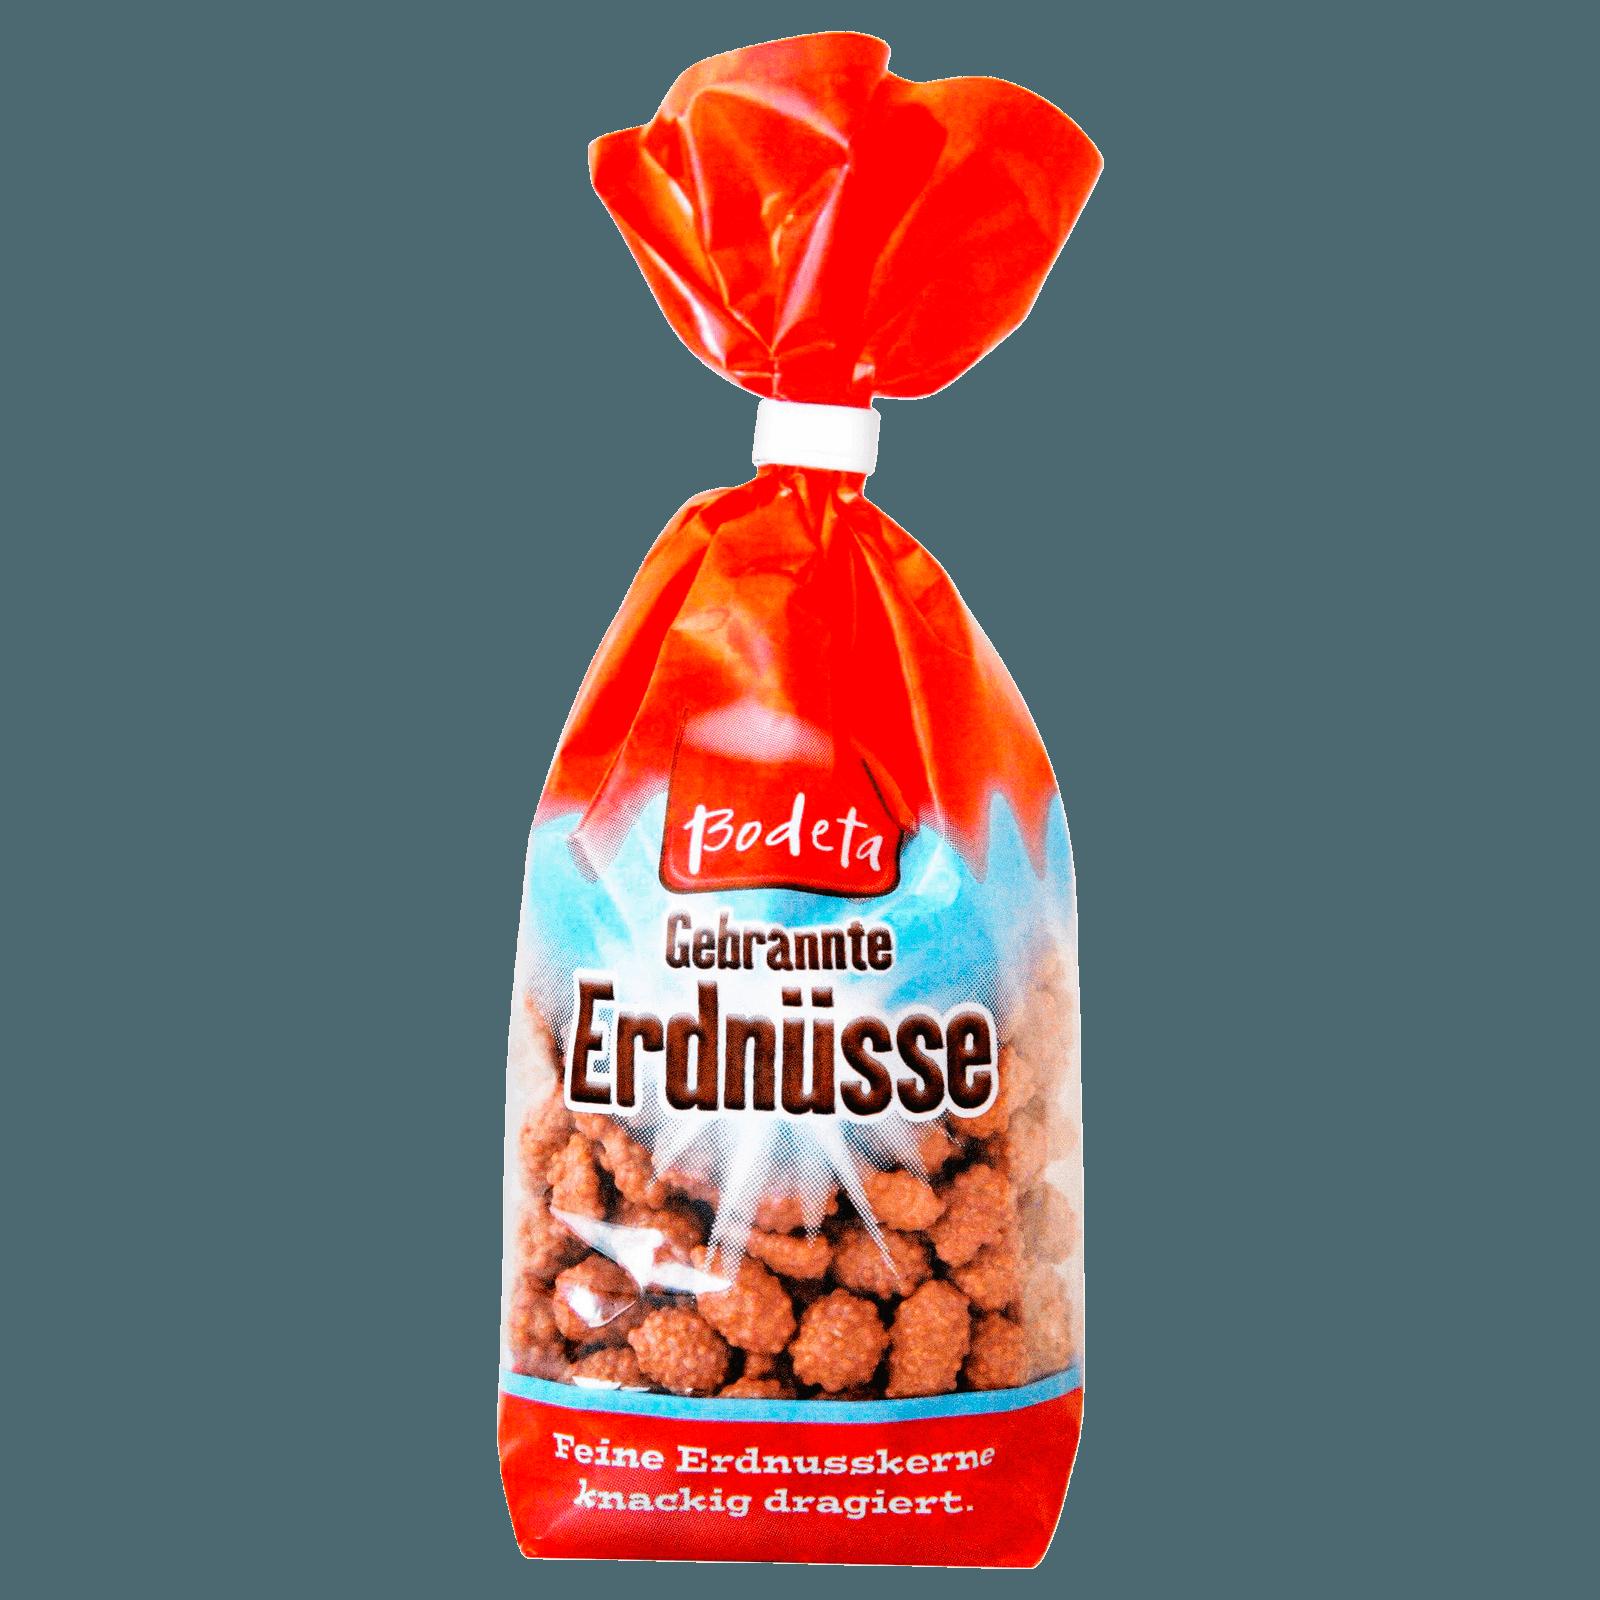 Bodeta Gebrannte Erdnüsse dragiert 175g bei REWE online bestellen!